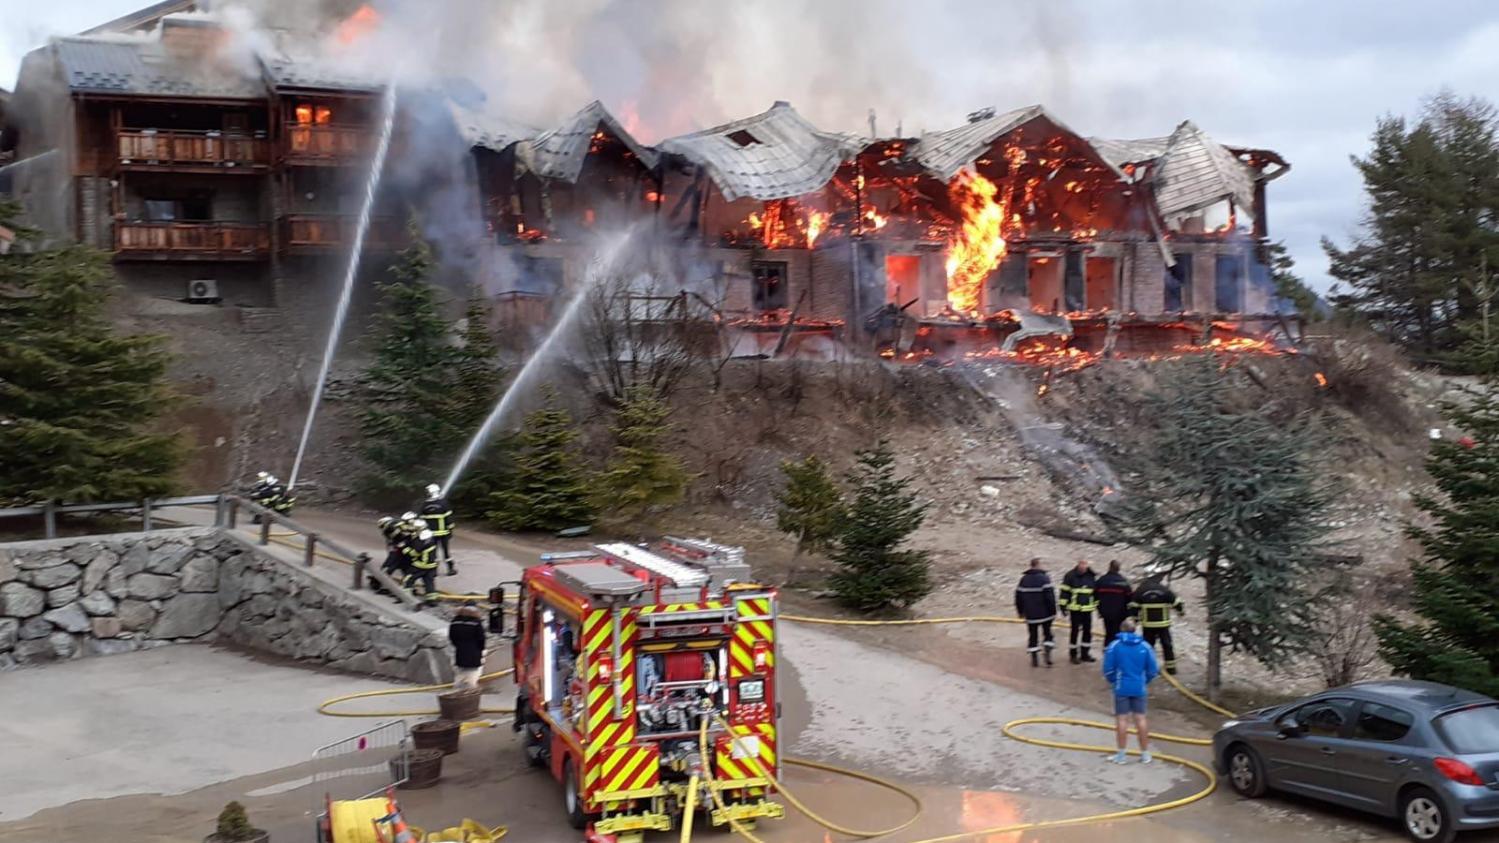 Alpes-Maritimes : violent incendie dans une station de ski, une vingtaine de personnes évacuées